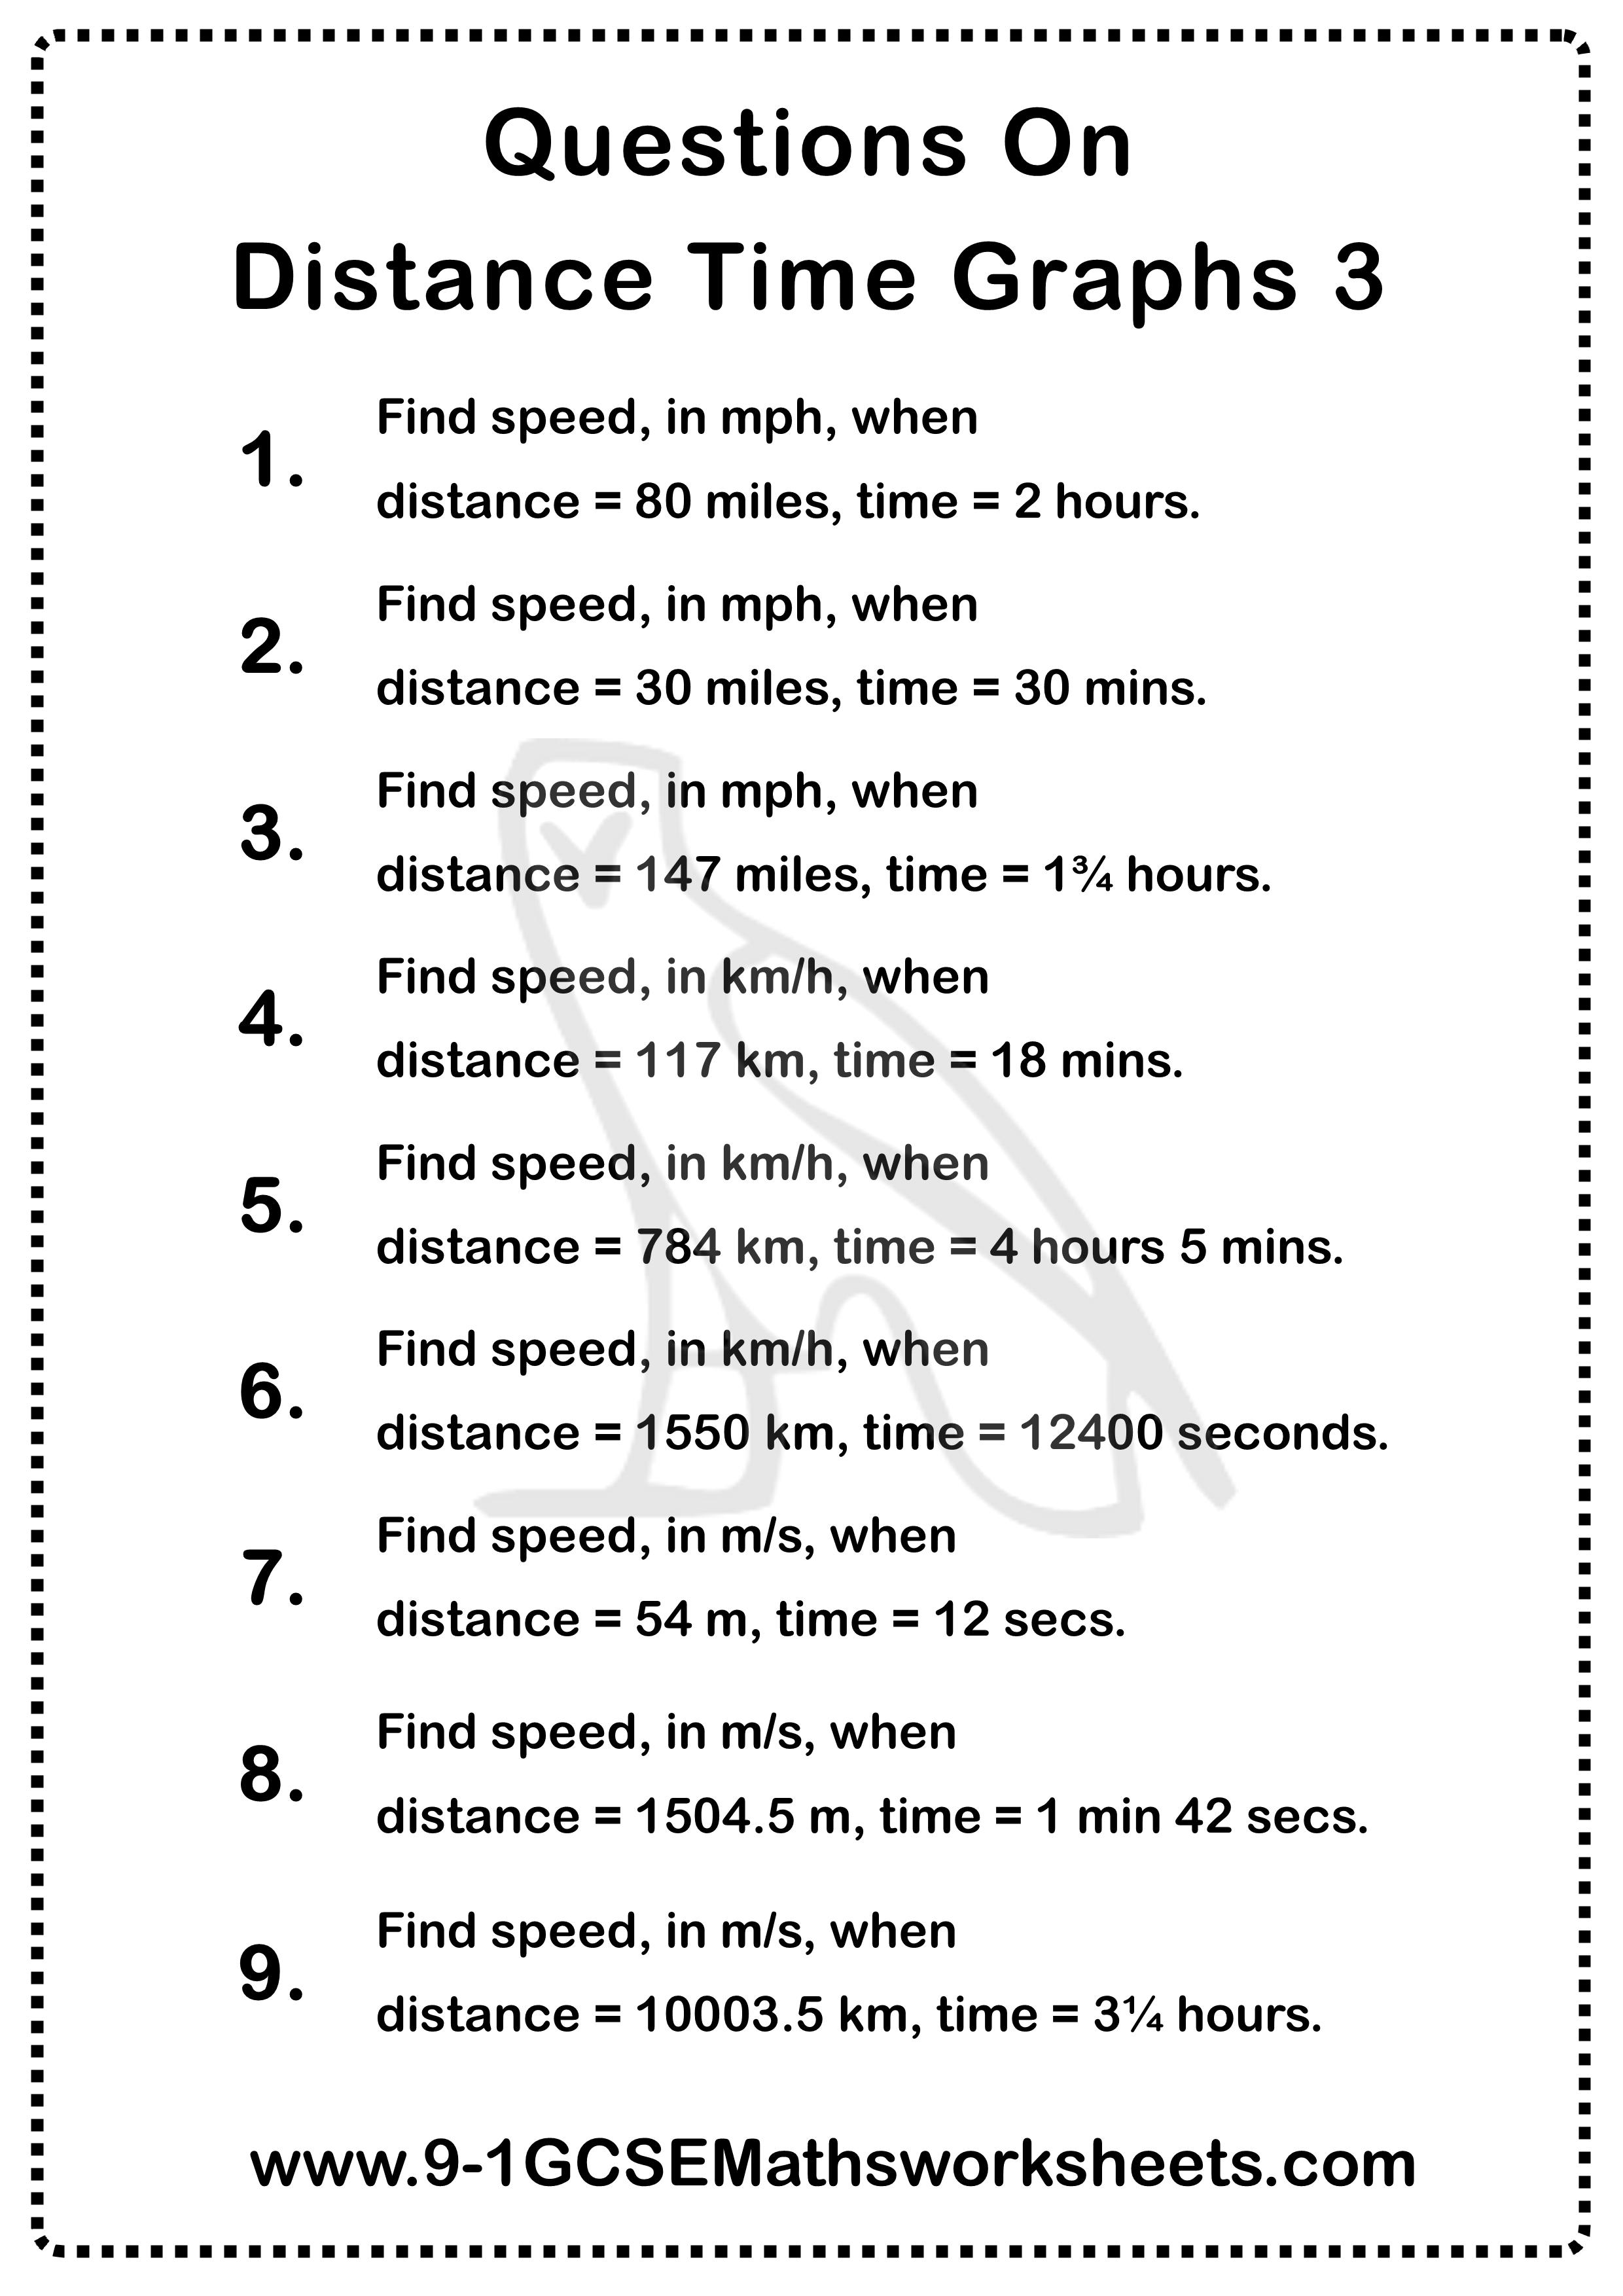 Distance Time Graphs Worksheet 3